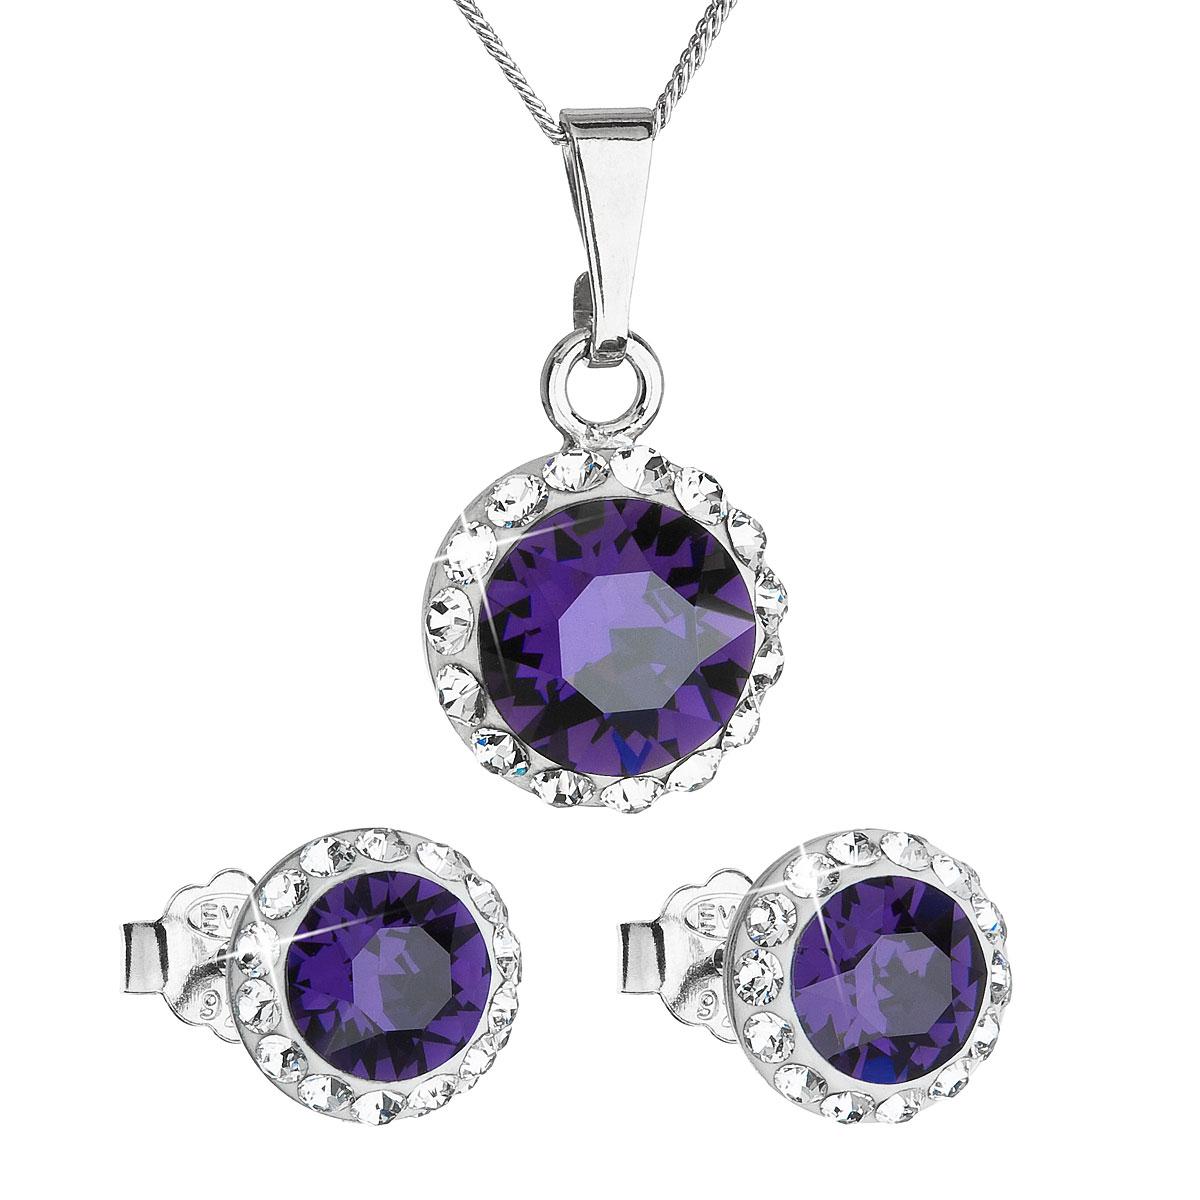 Sada šperků s krystaly Swarovski náušnice, řetízek a přívěsek fialové kulaté 39152.3 purple